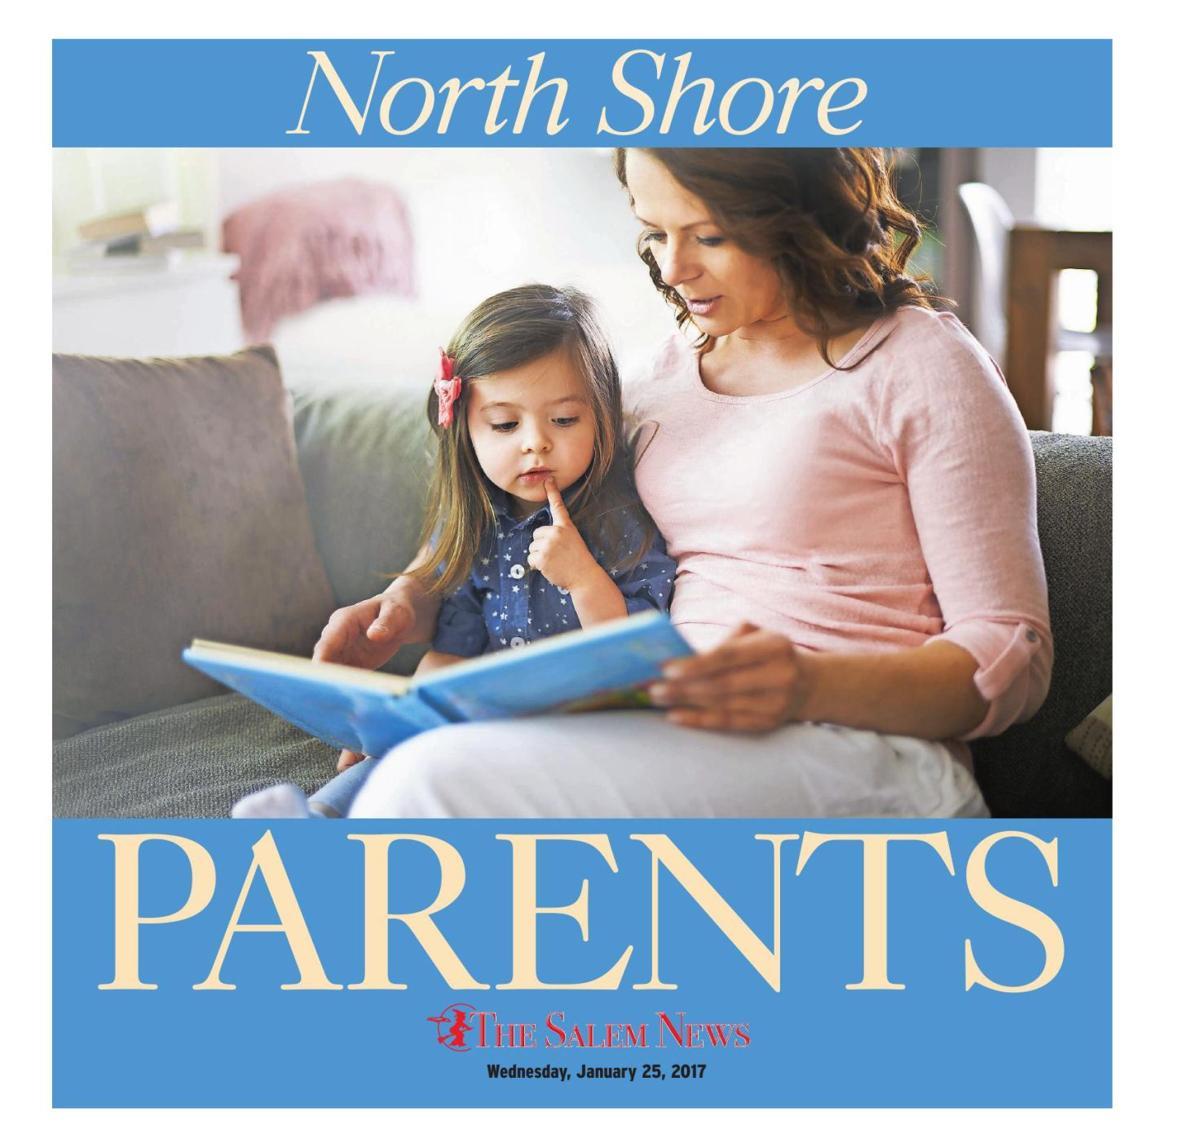 North Shore Parents, Winter 2017